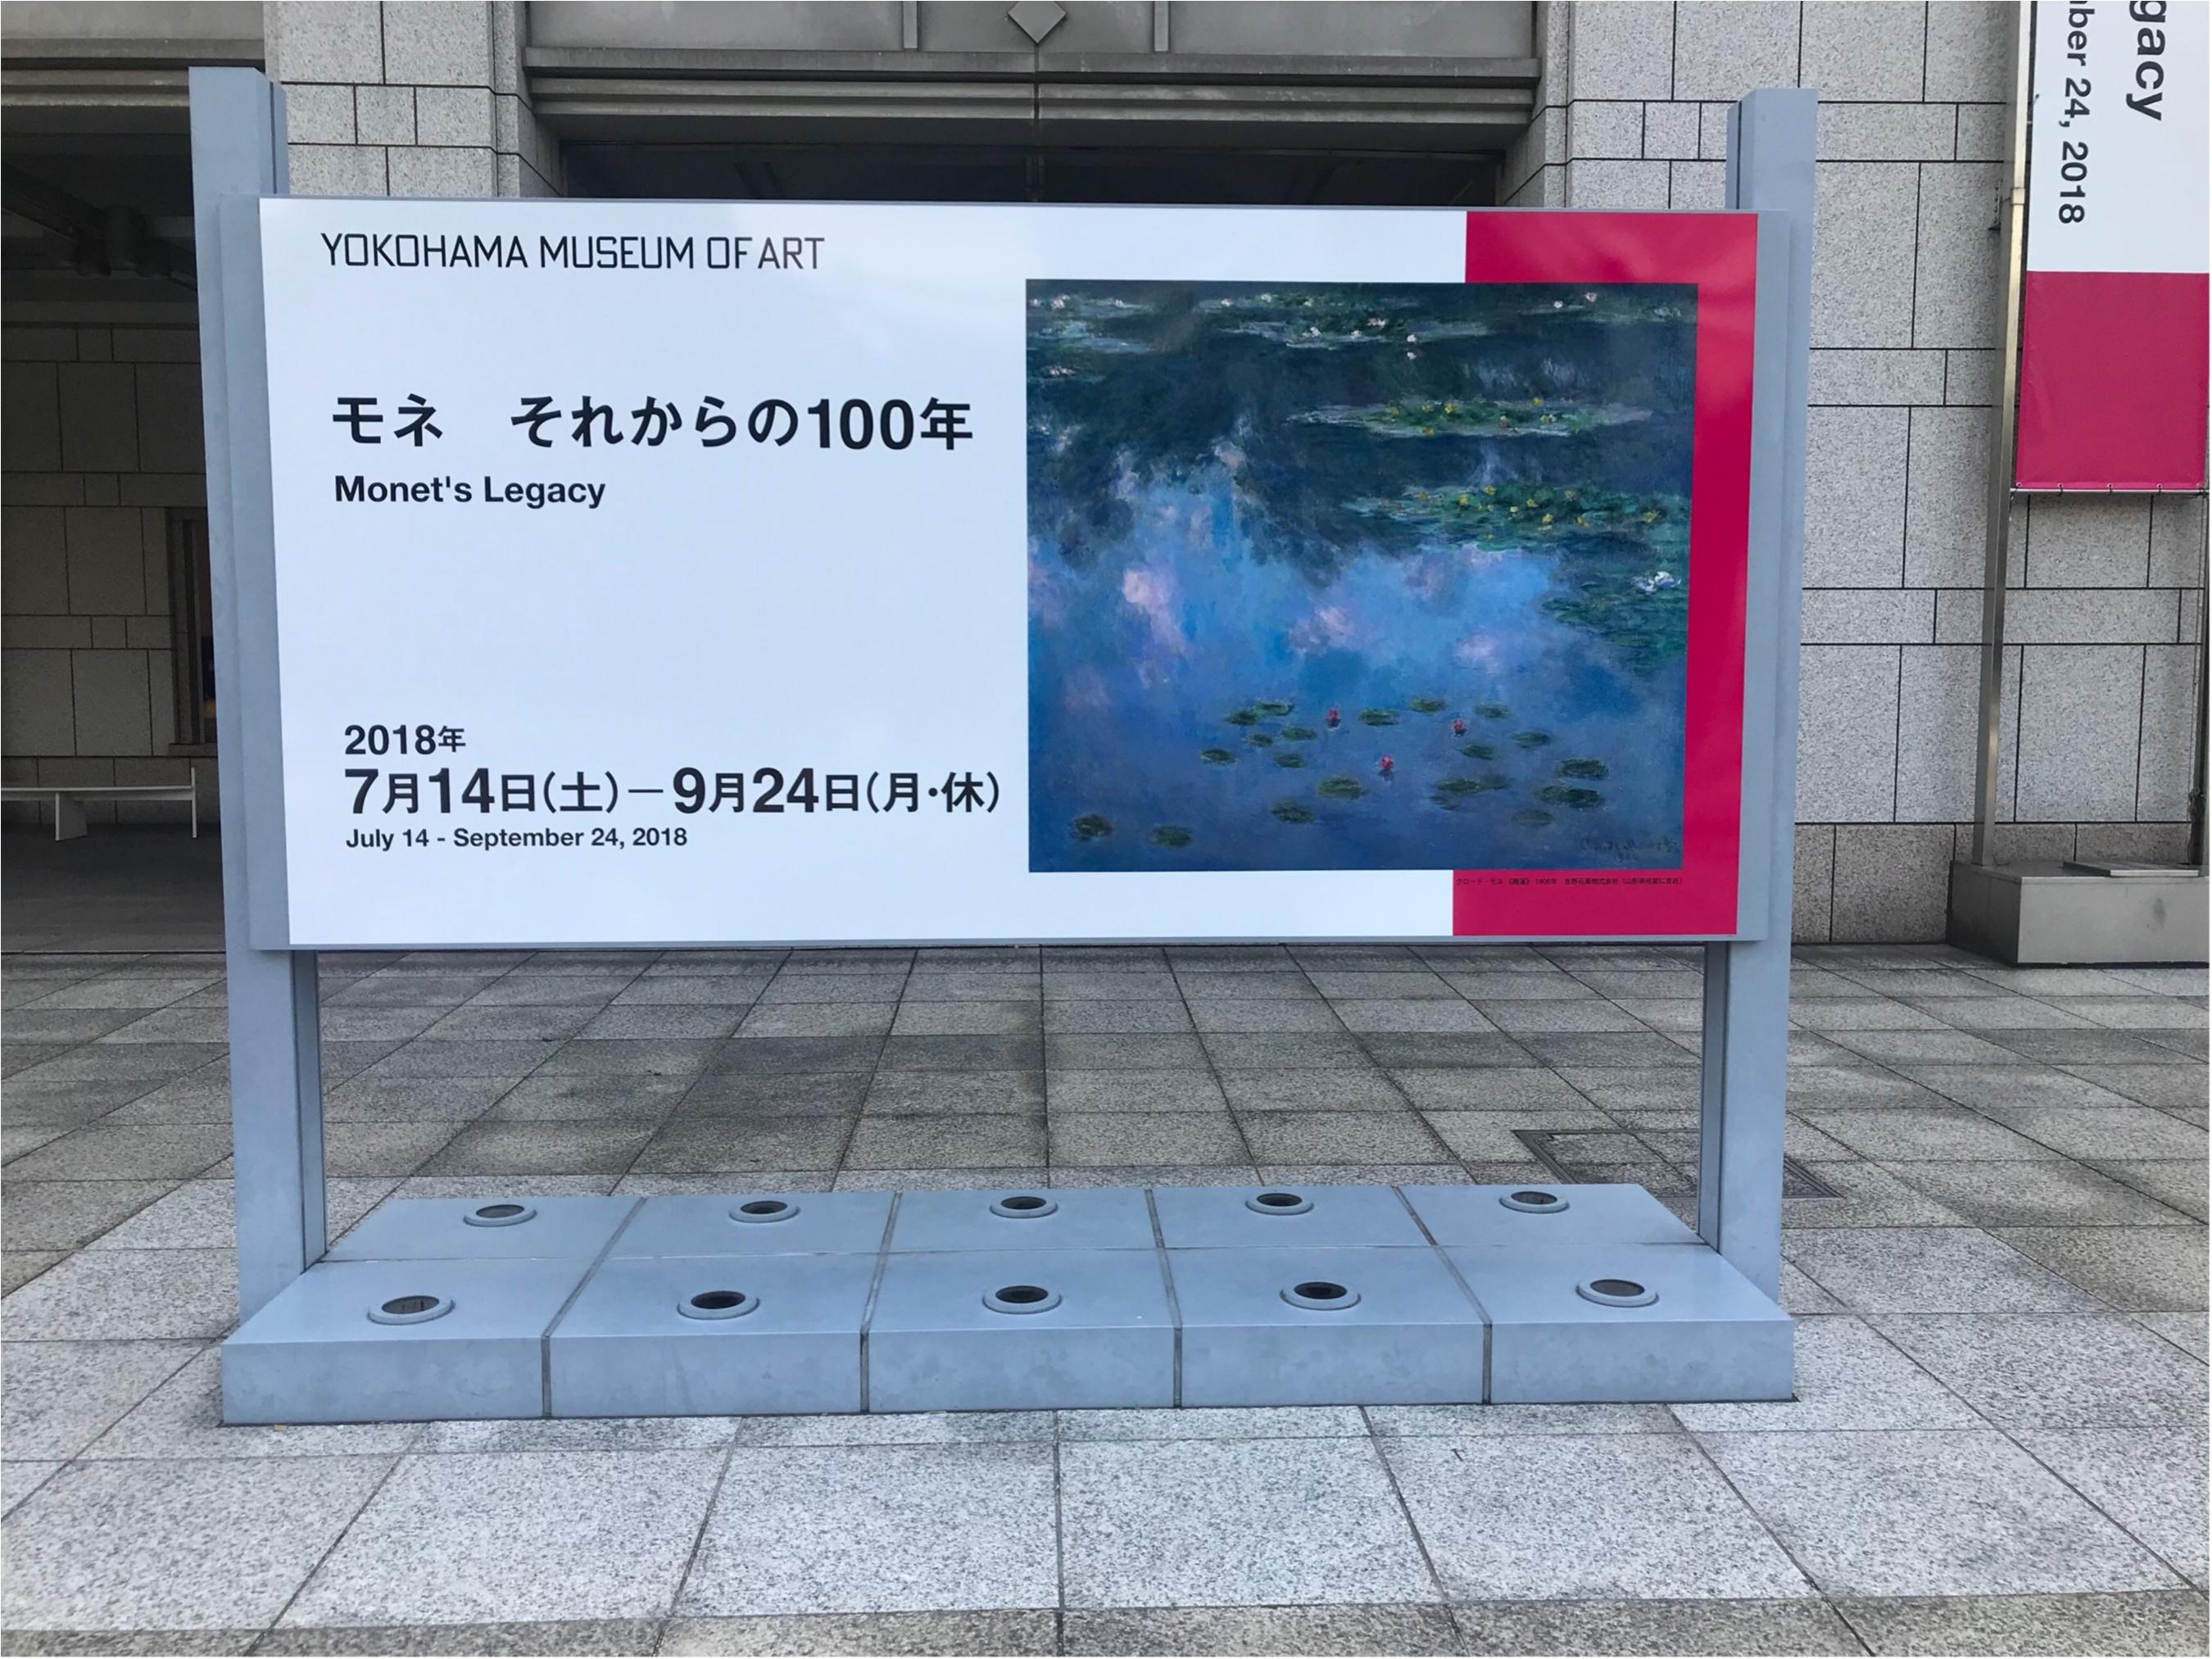 【横浜美術館】夏休みはモネ展へ!クロード・モネのそれからの100年!9月24日(月)まで!_2